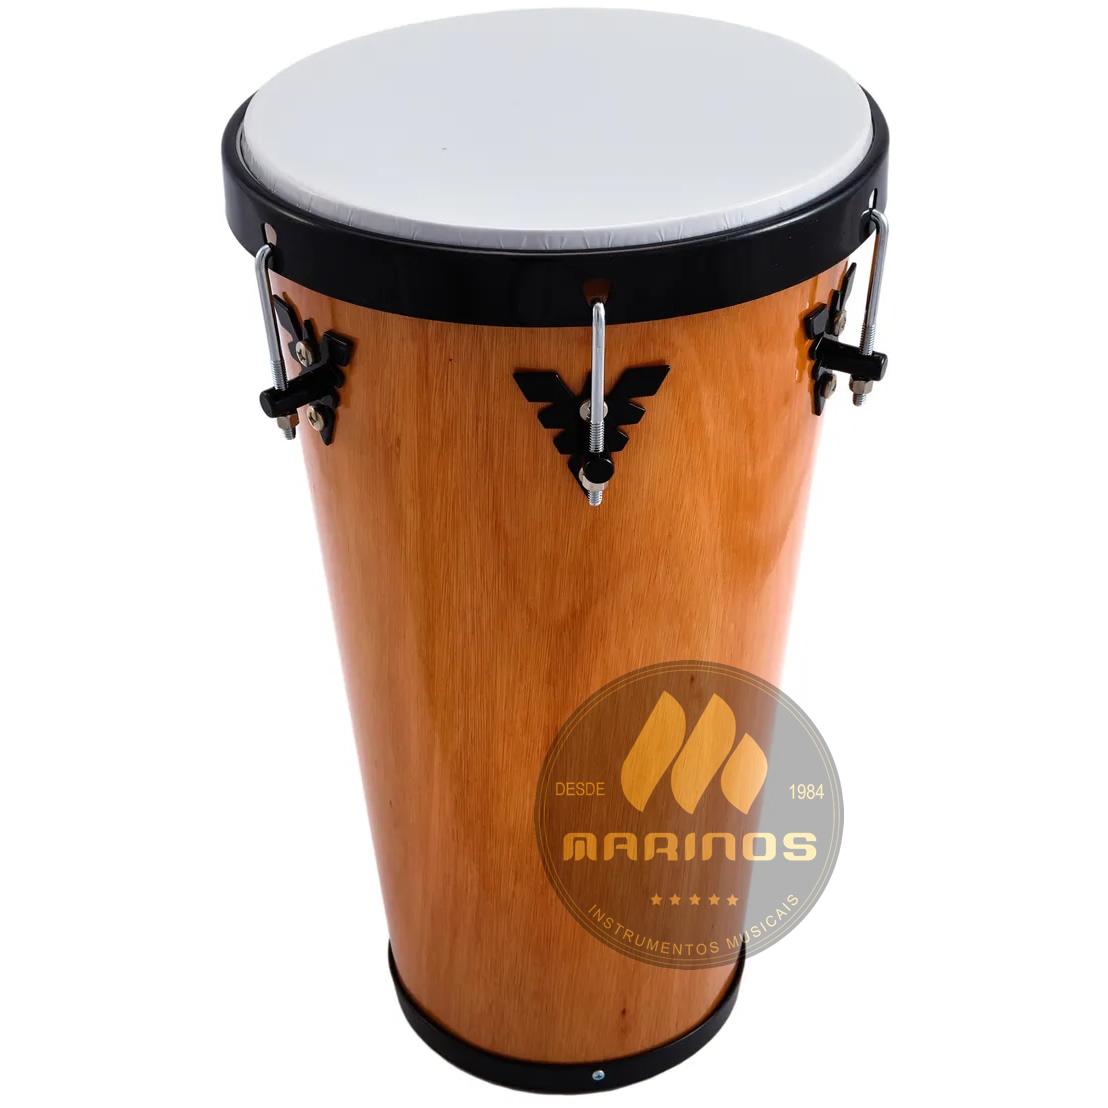 Timba PHX Samba Music 50 cm x 11